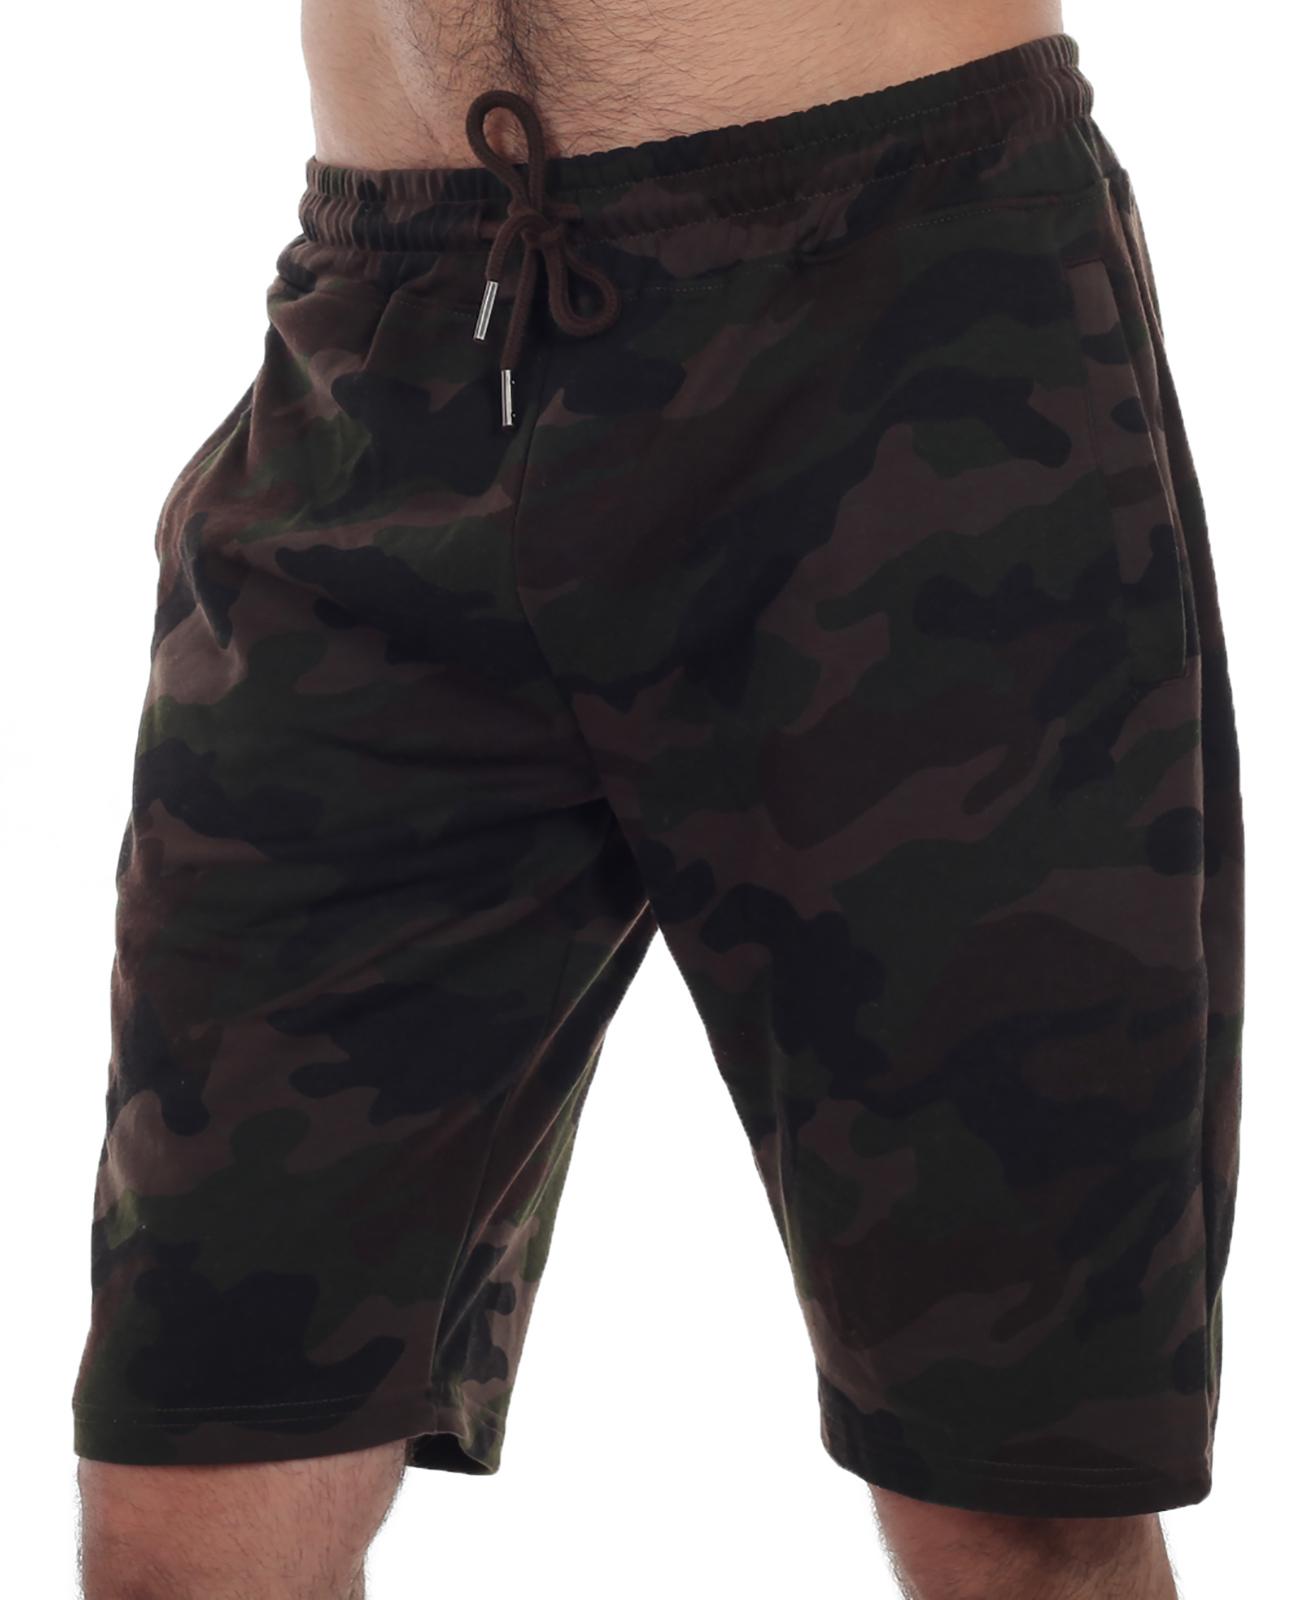 Тактические мужские шорты IZZUE, камуфляж CCE camo.